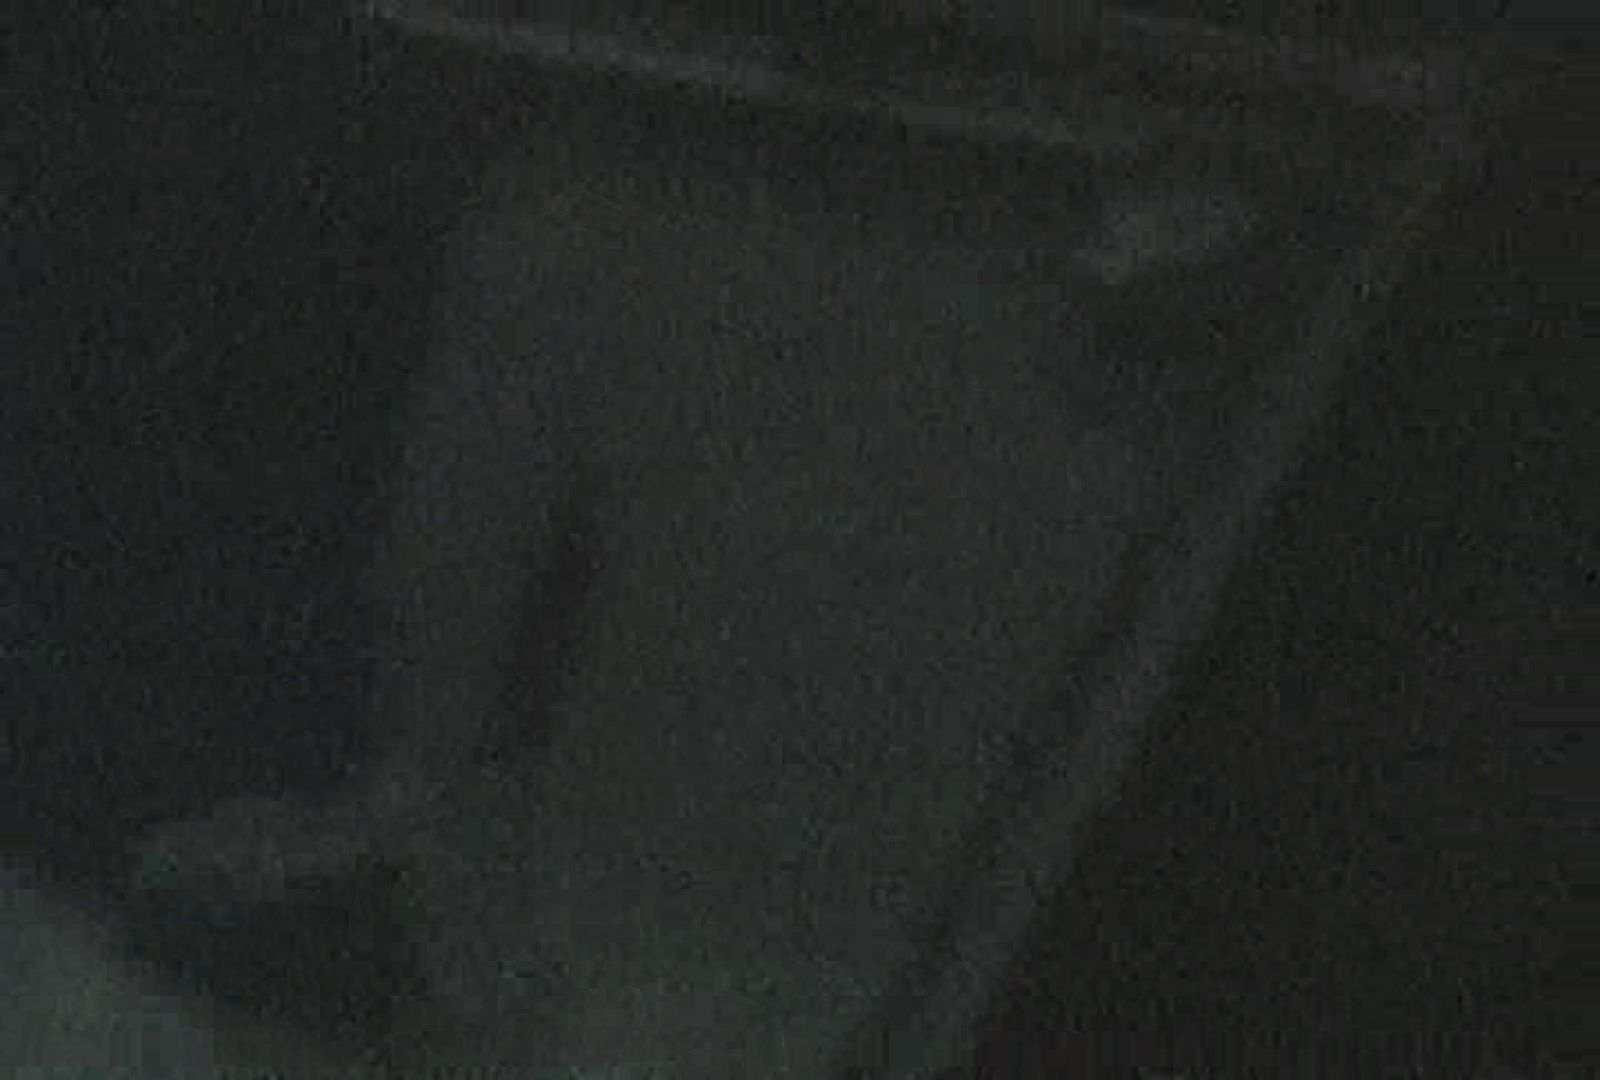 充血監督の深夜の運動会Vol.72 ギャル | OLヌード天国  108PIX 83